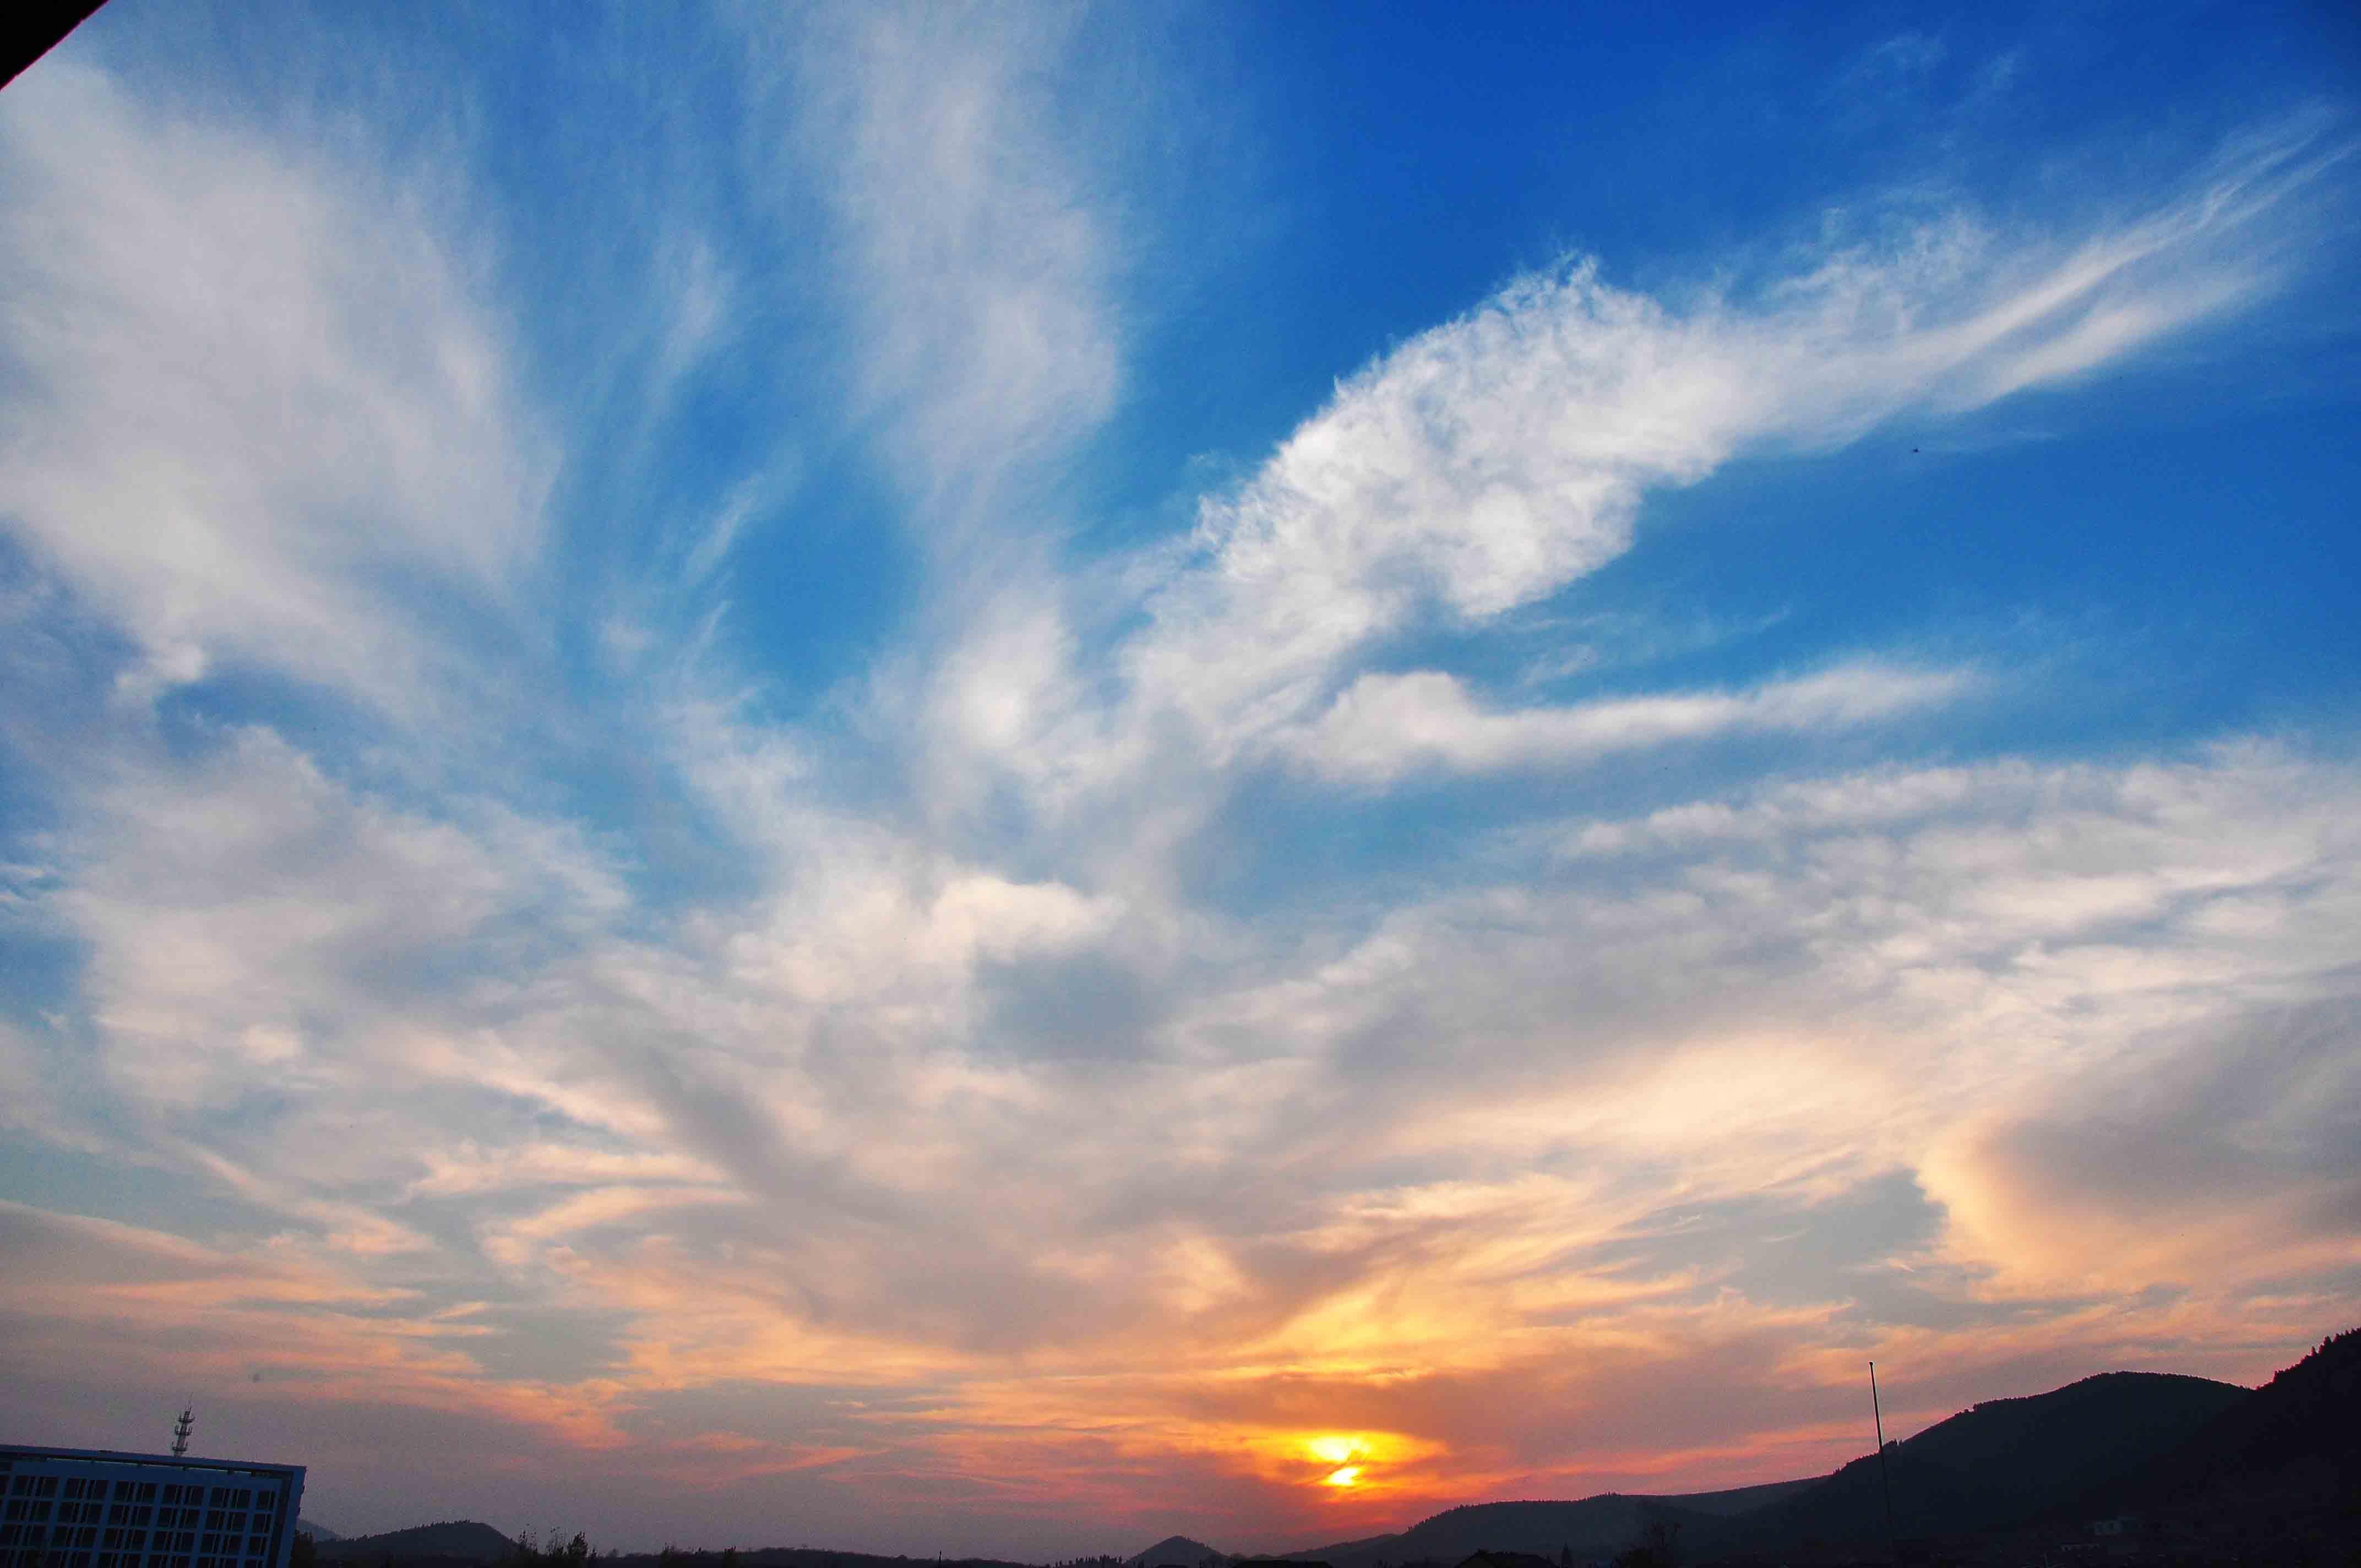 背景 壁纸 风景 天空 桌面 4288_2848